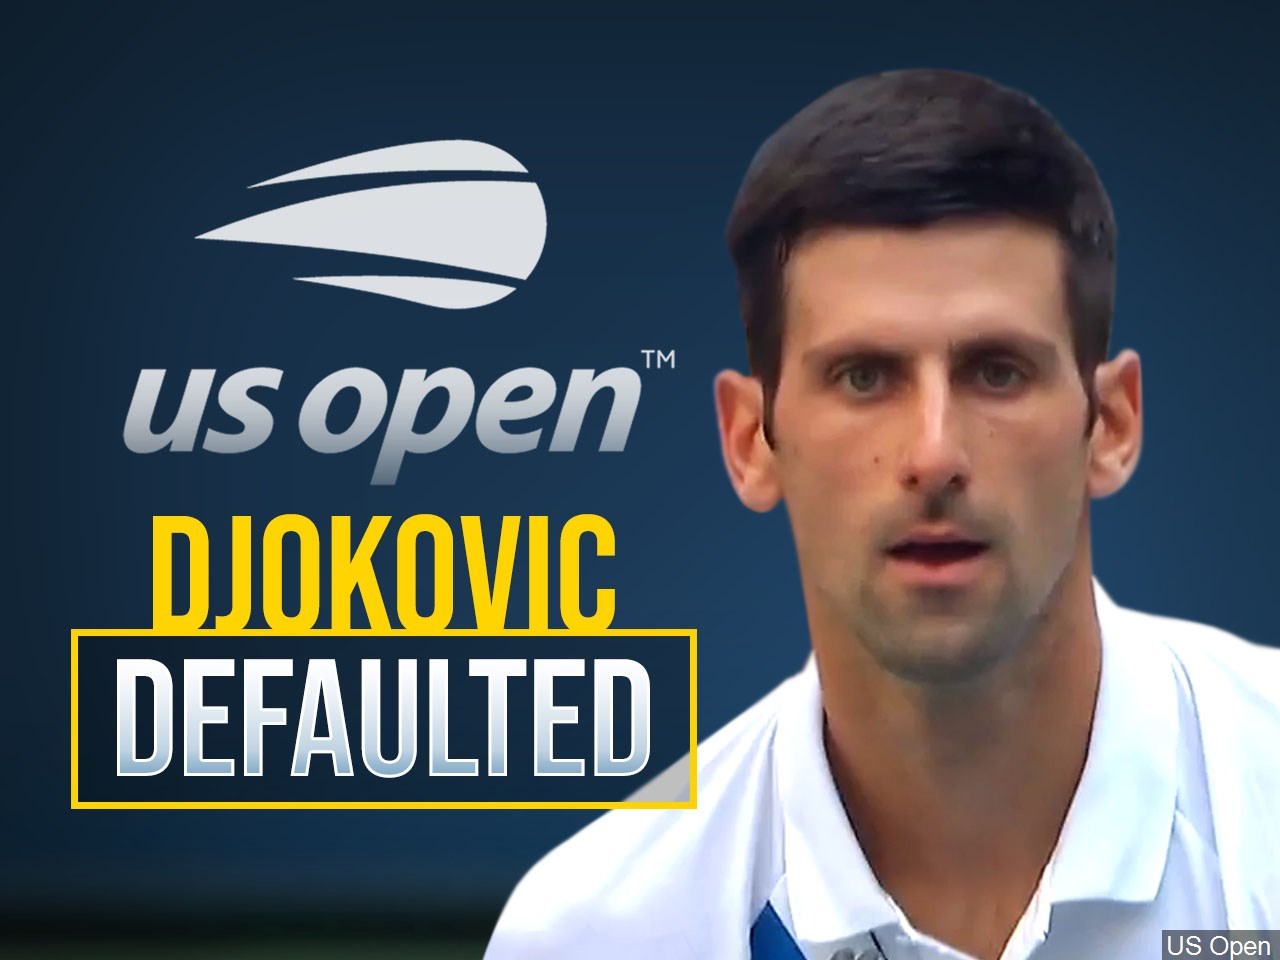 Novak Djokovic Defaults Us Open Match After Hitting Line Umpire With Ball Klkn Tv